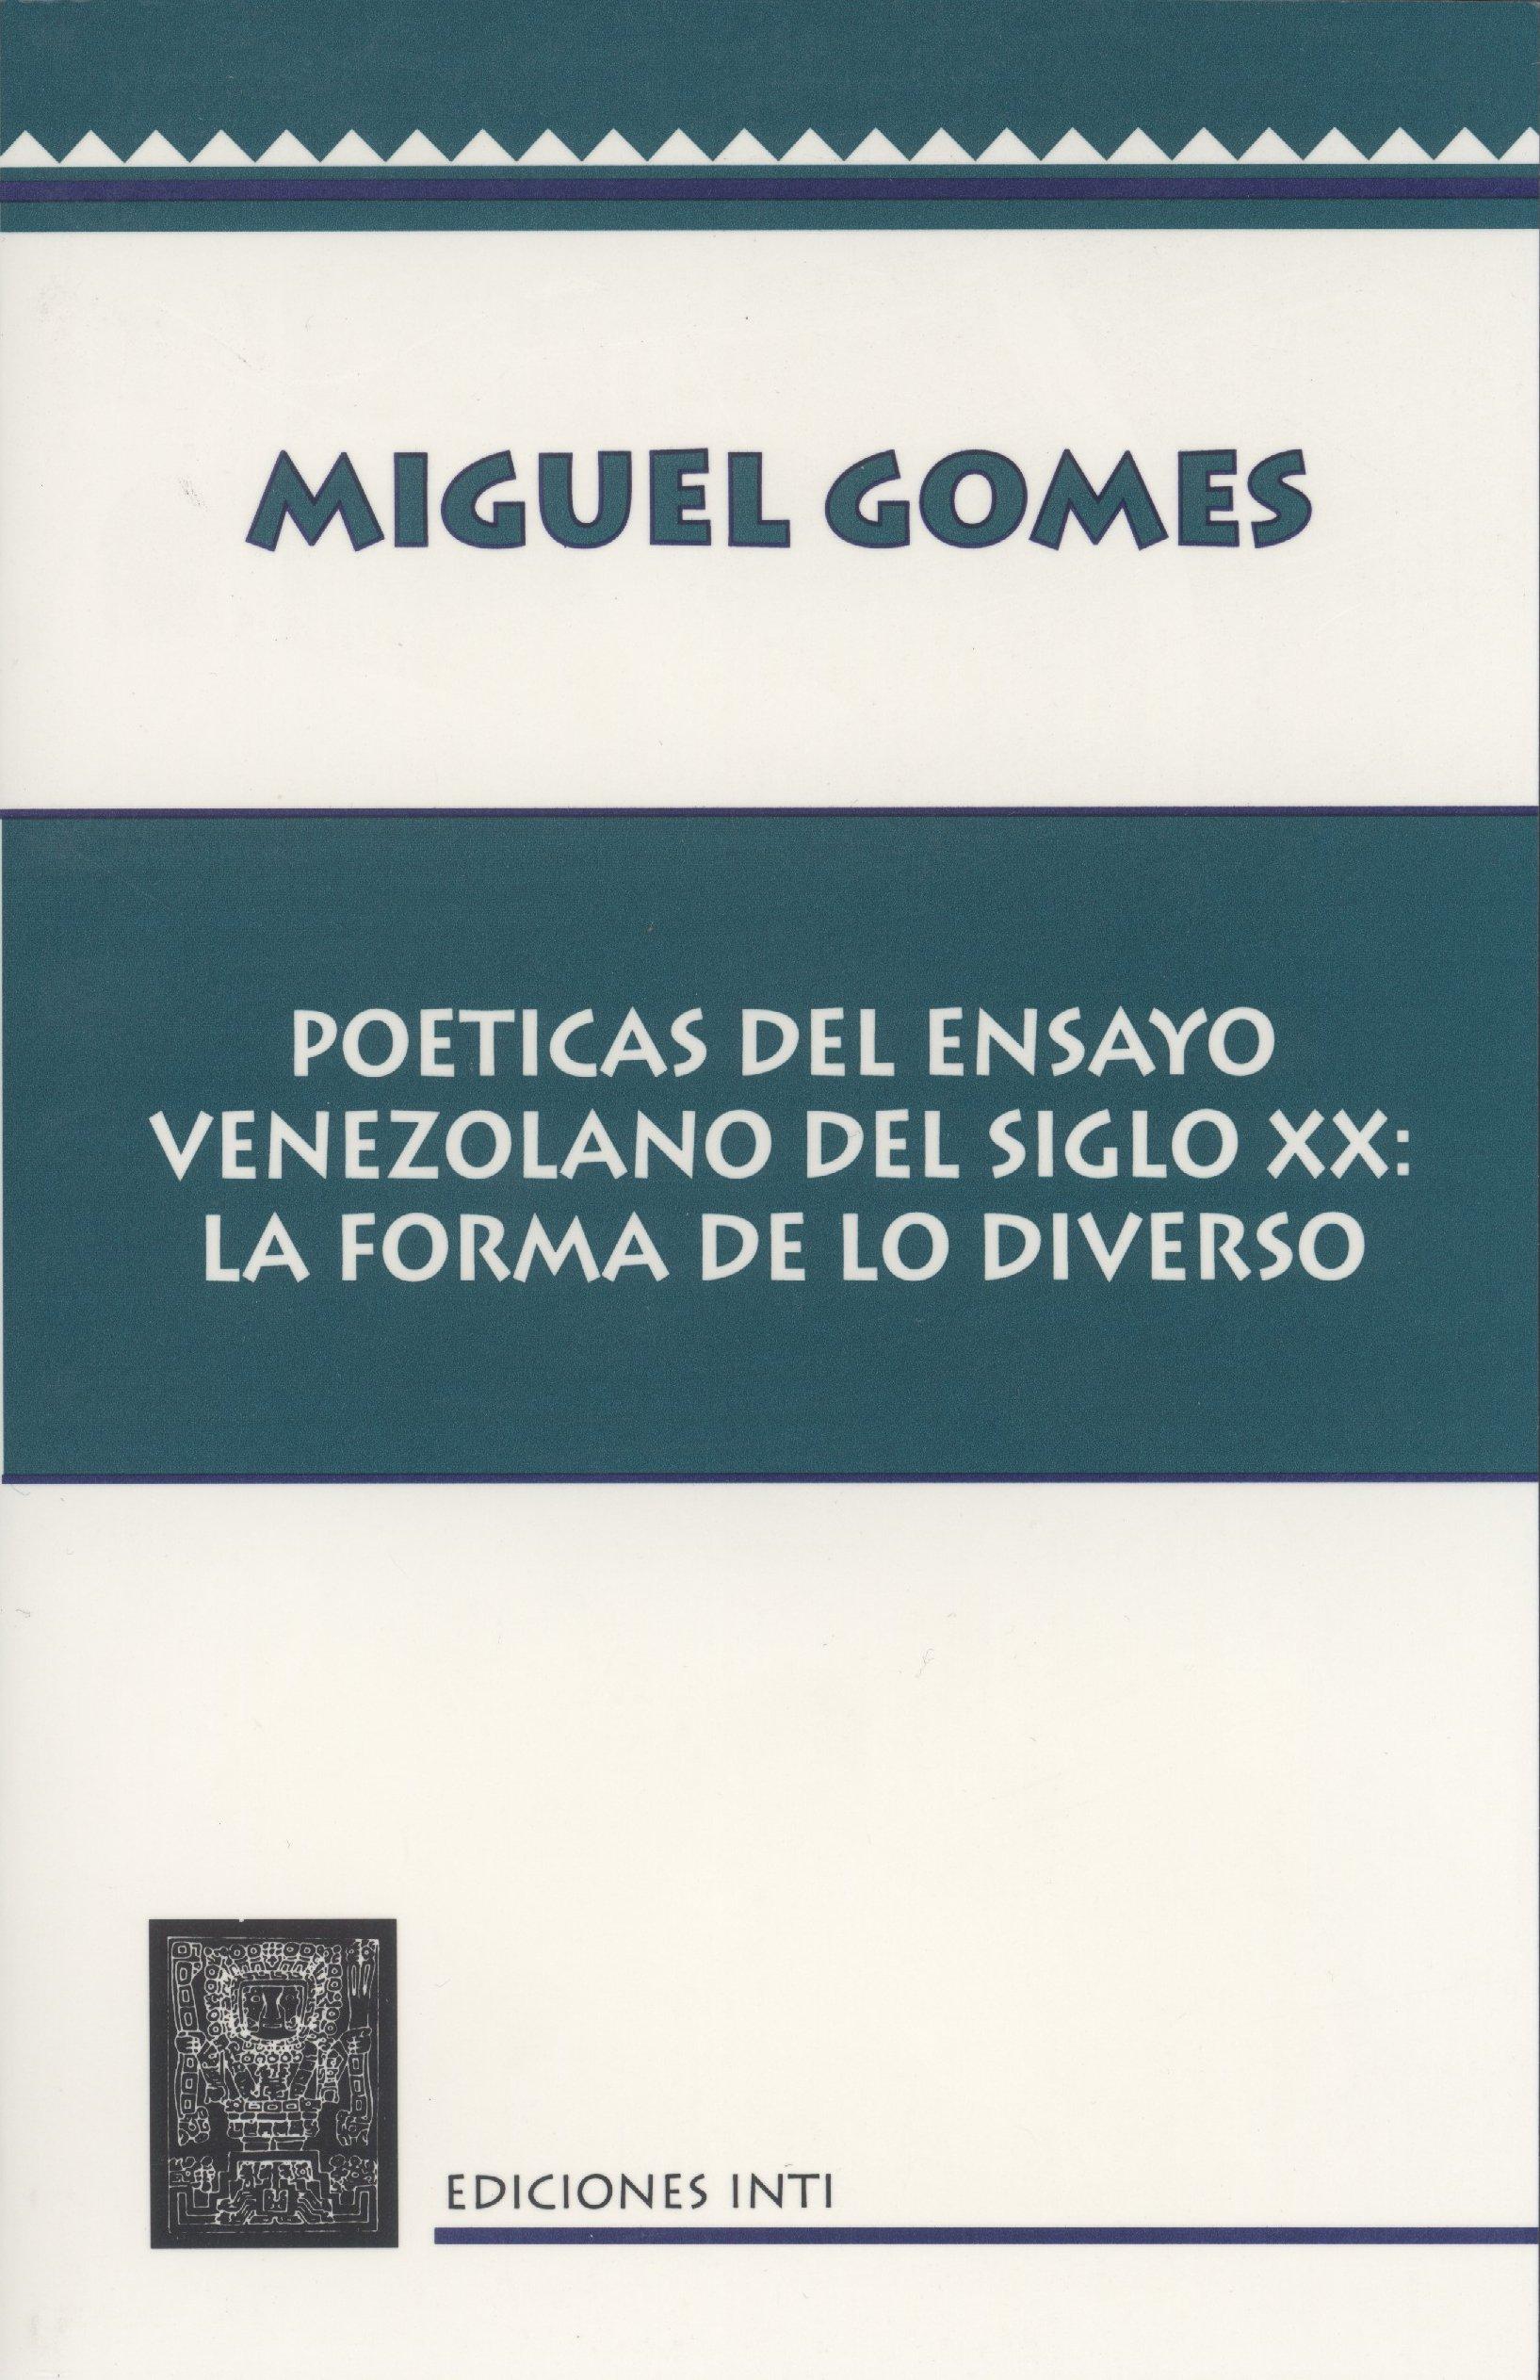 Poeticas del ensayo venezolano del siglo XX: la forma de lo diverso: Miguel Gomes: 9781888135015: Amazon.com: Books